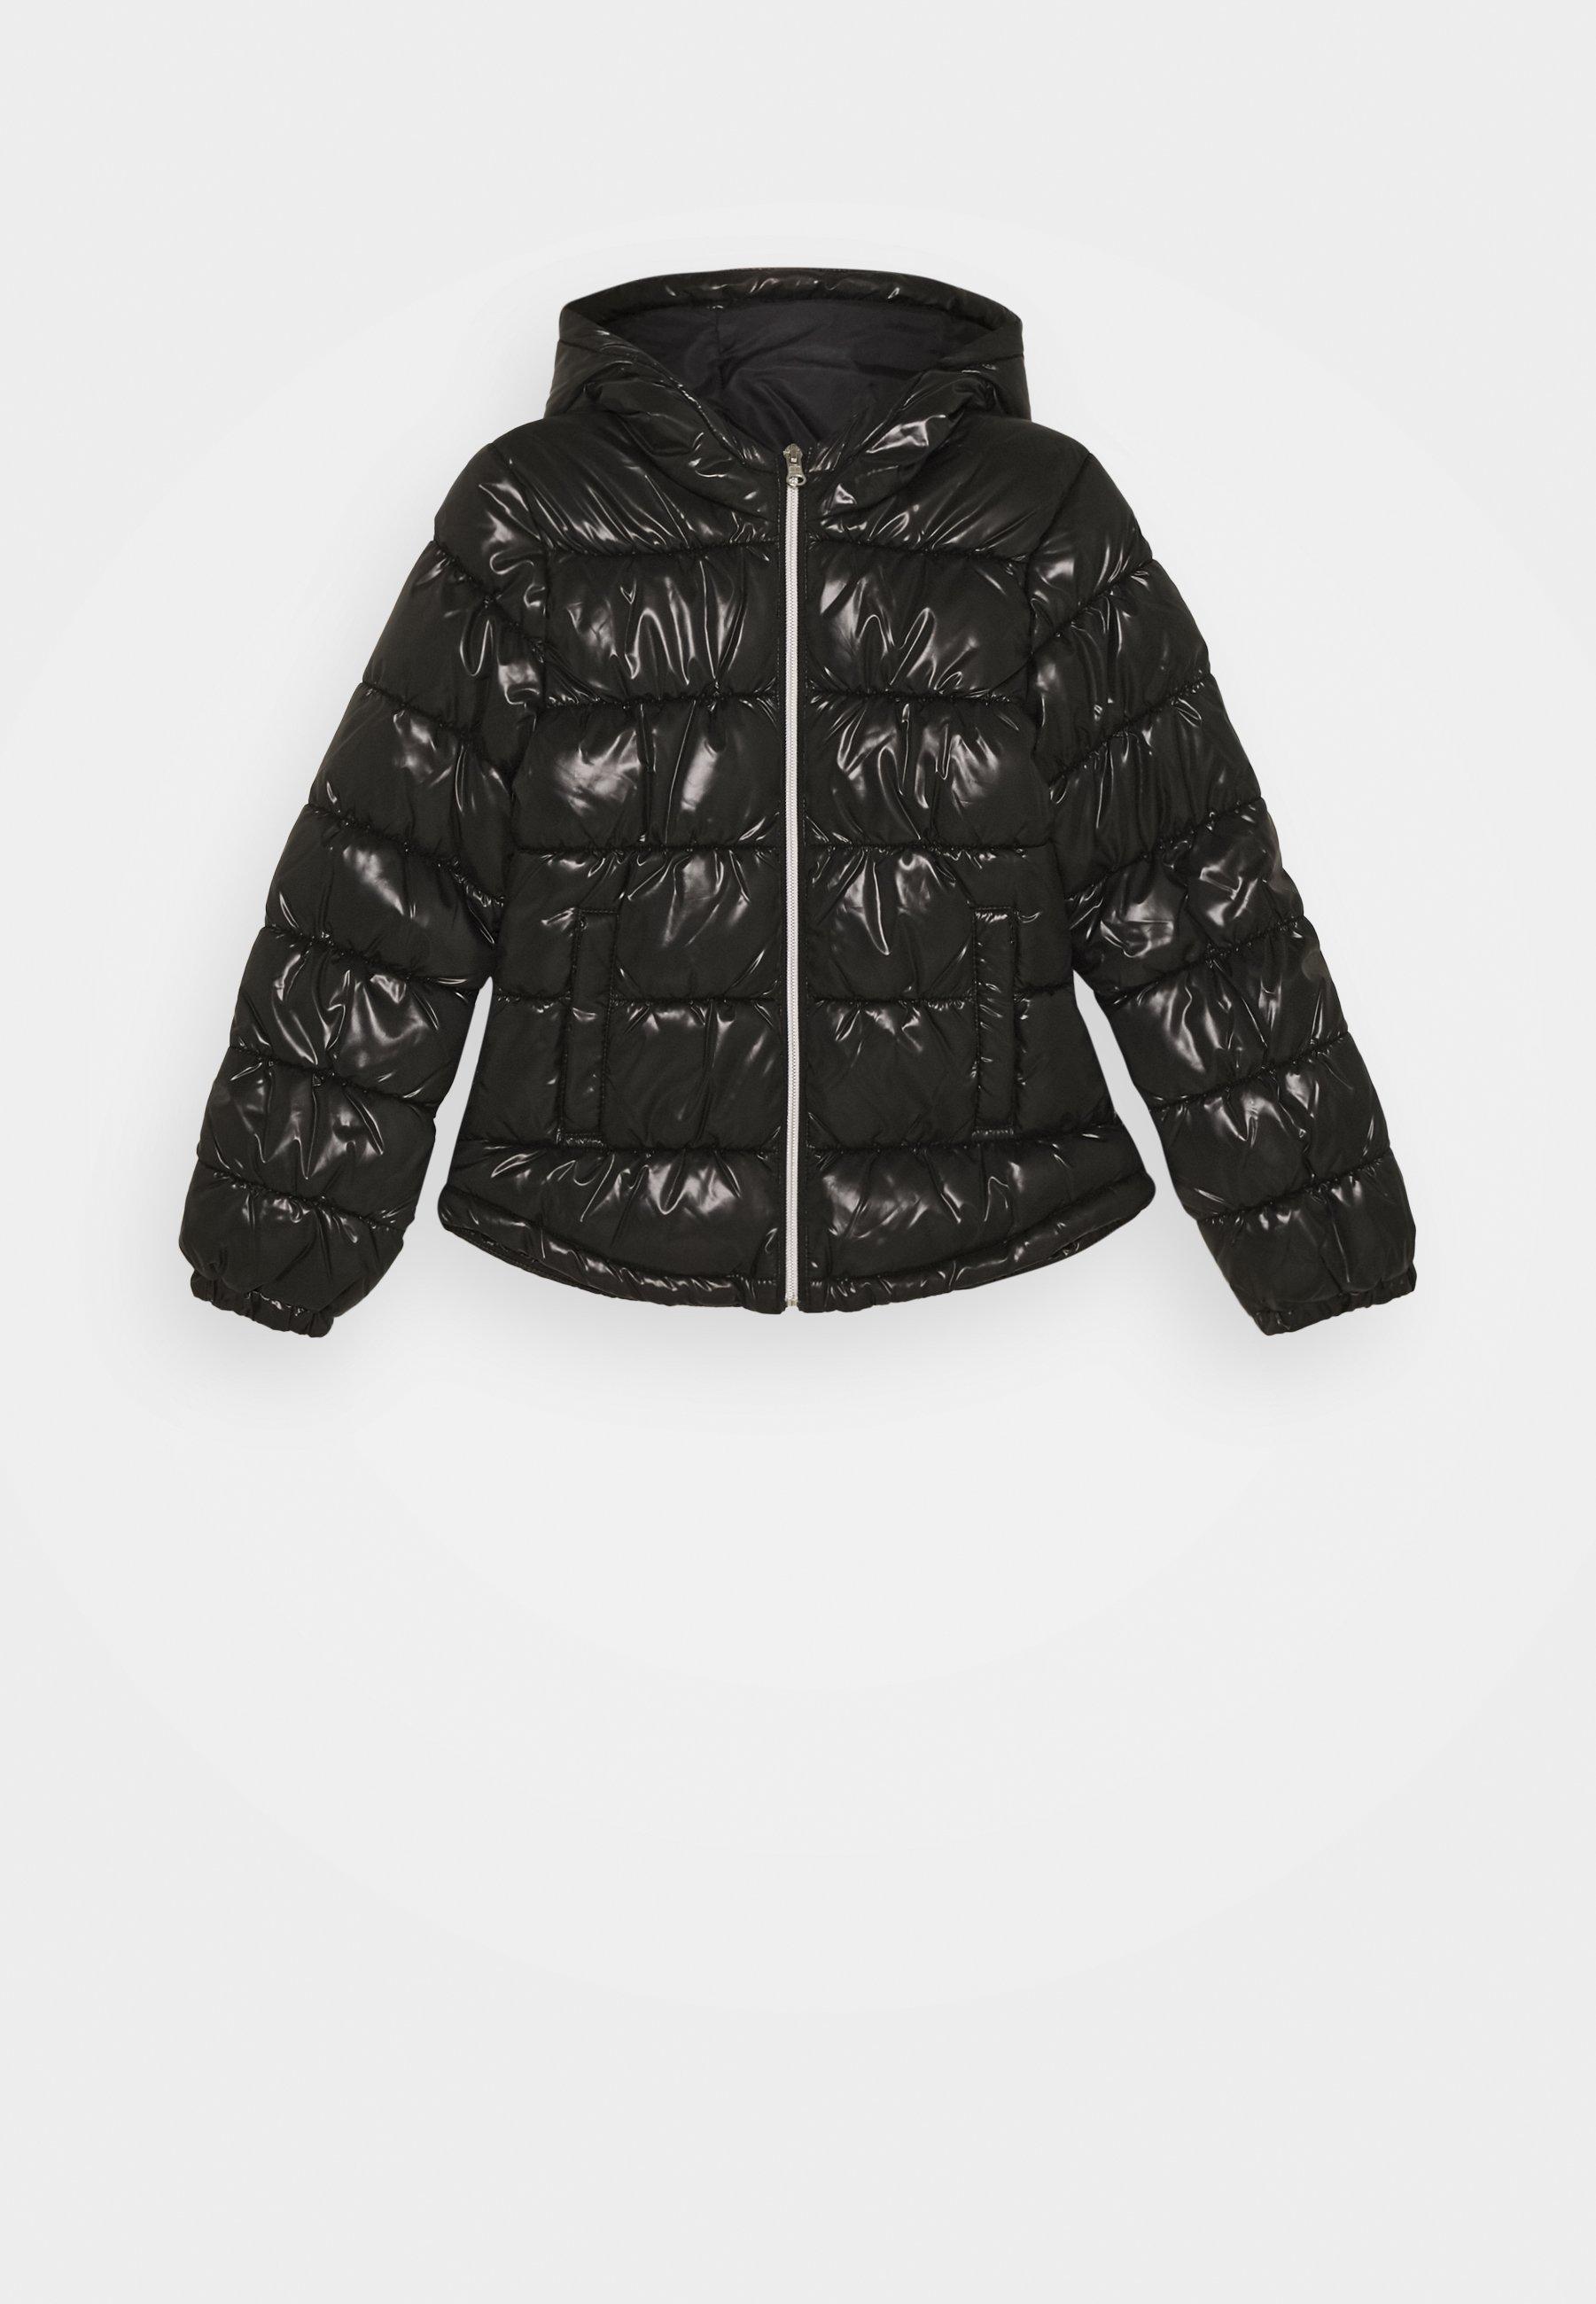 Benetton Kinder winterjassen online shop | Gratis verzending